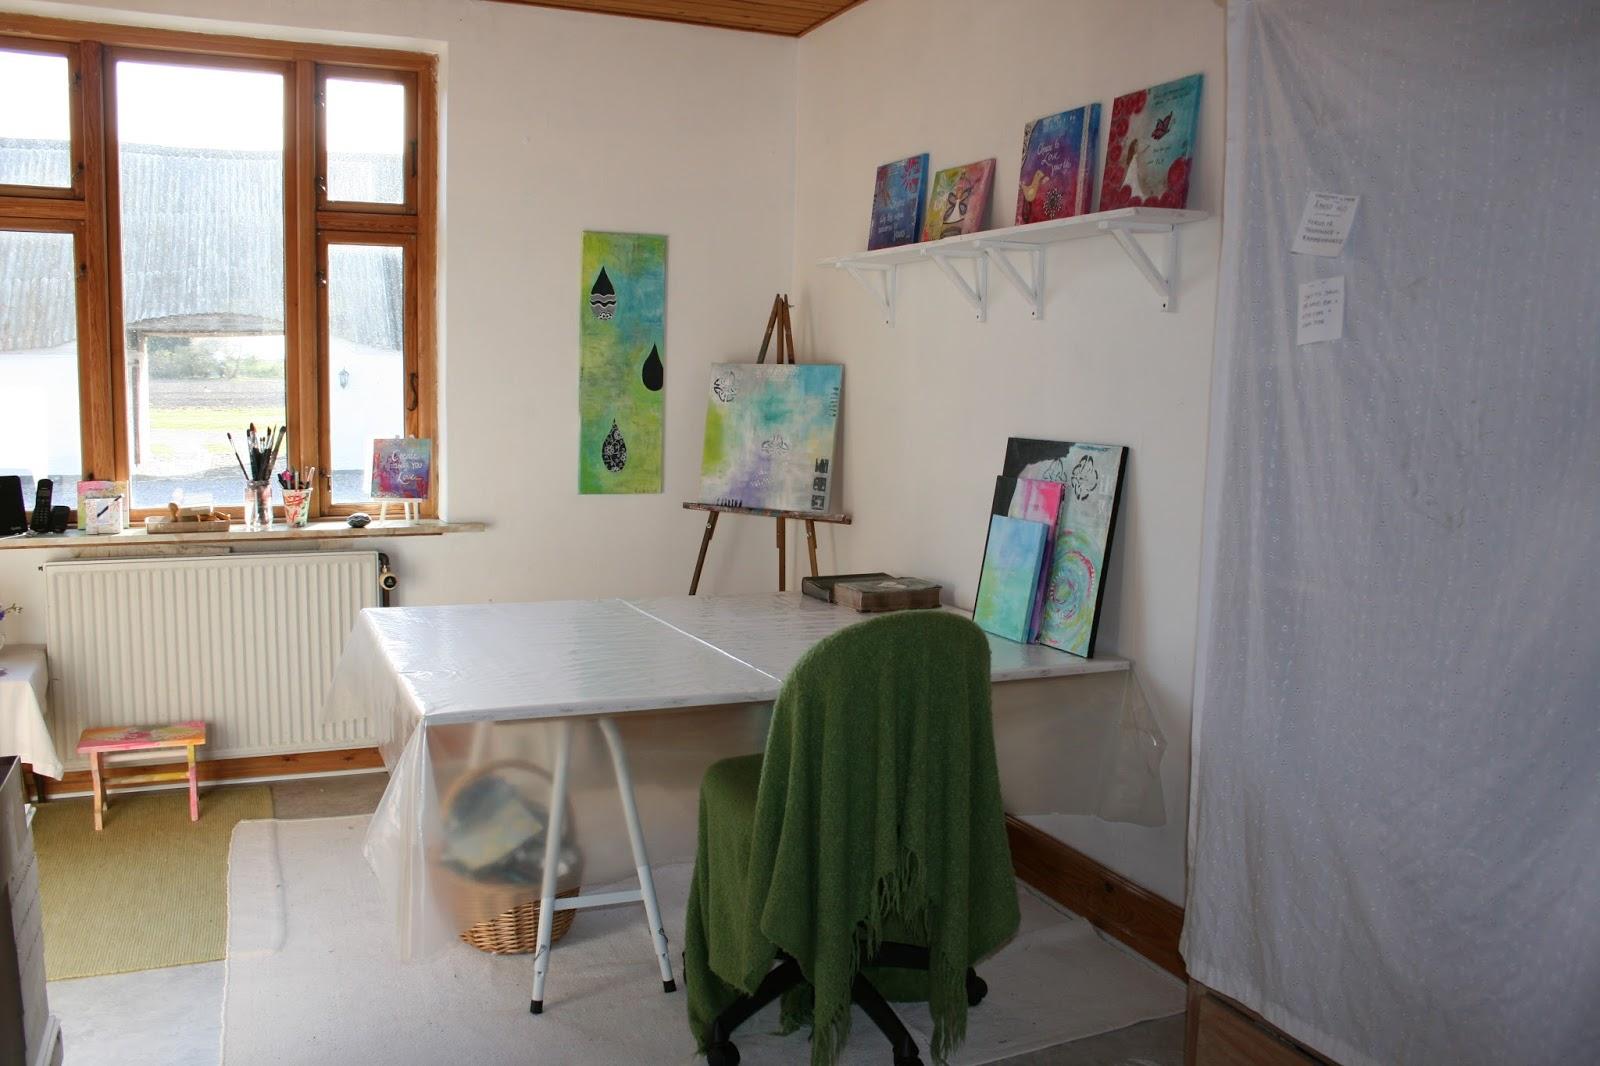 #6F432C Mest effektive Gitte Barlev: Oprydning I Arbejdsrum Og En Gør Det Selv Galleri Reol : ) Gør Det Selv Indbygget Reol 5465 160010665465